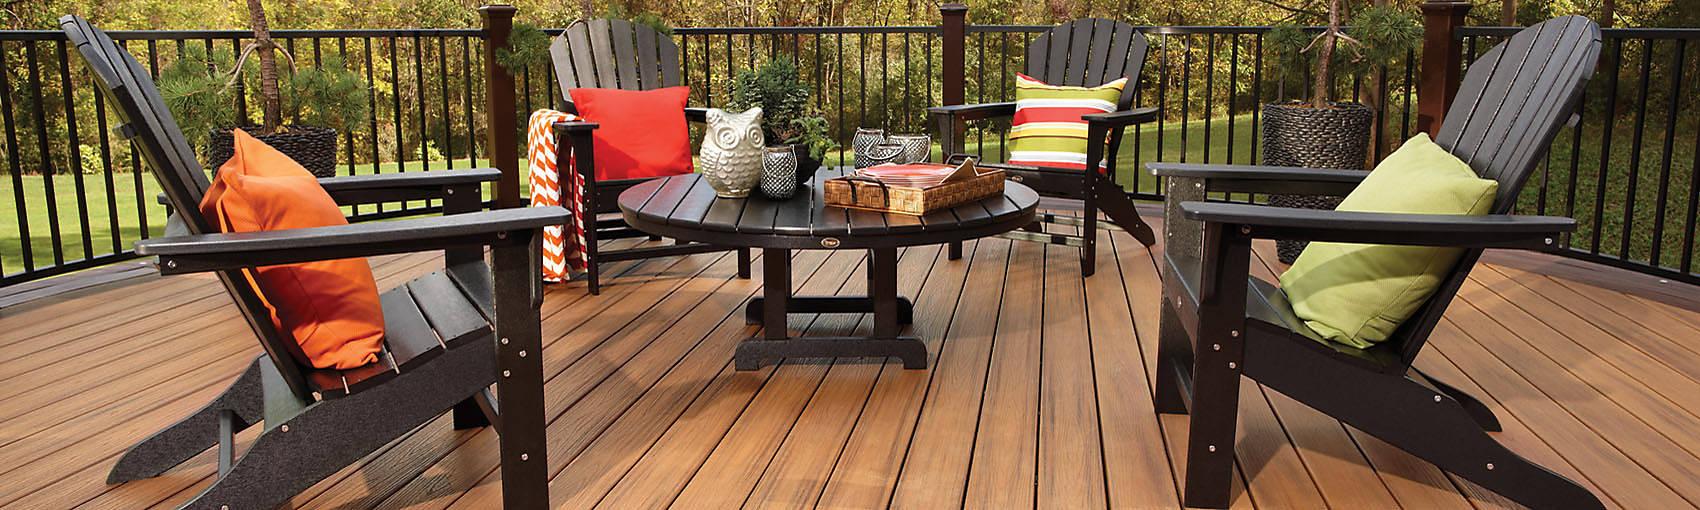 Holzalternativen Für Terrassen, Geländer, Beleuchtung Und Möbel - Trex Die Richtigen Mobel Fur Die Terrasse